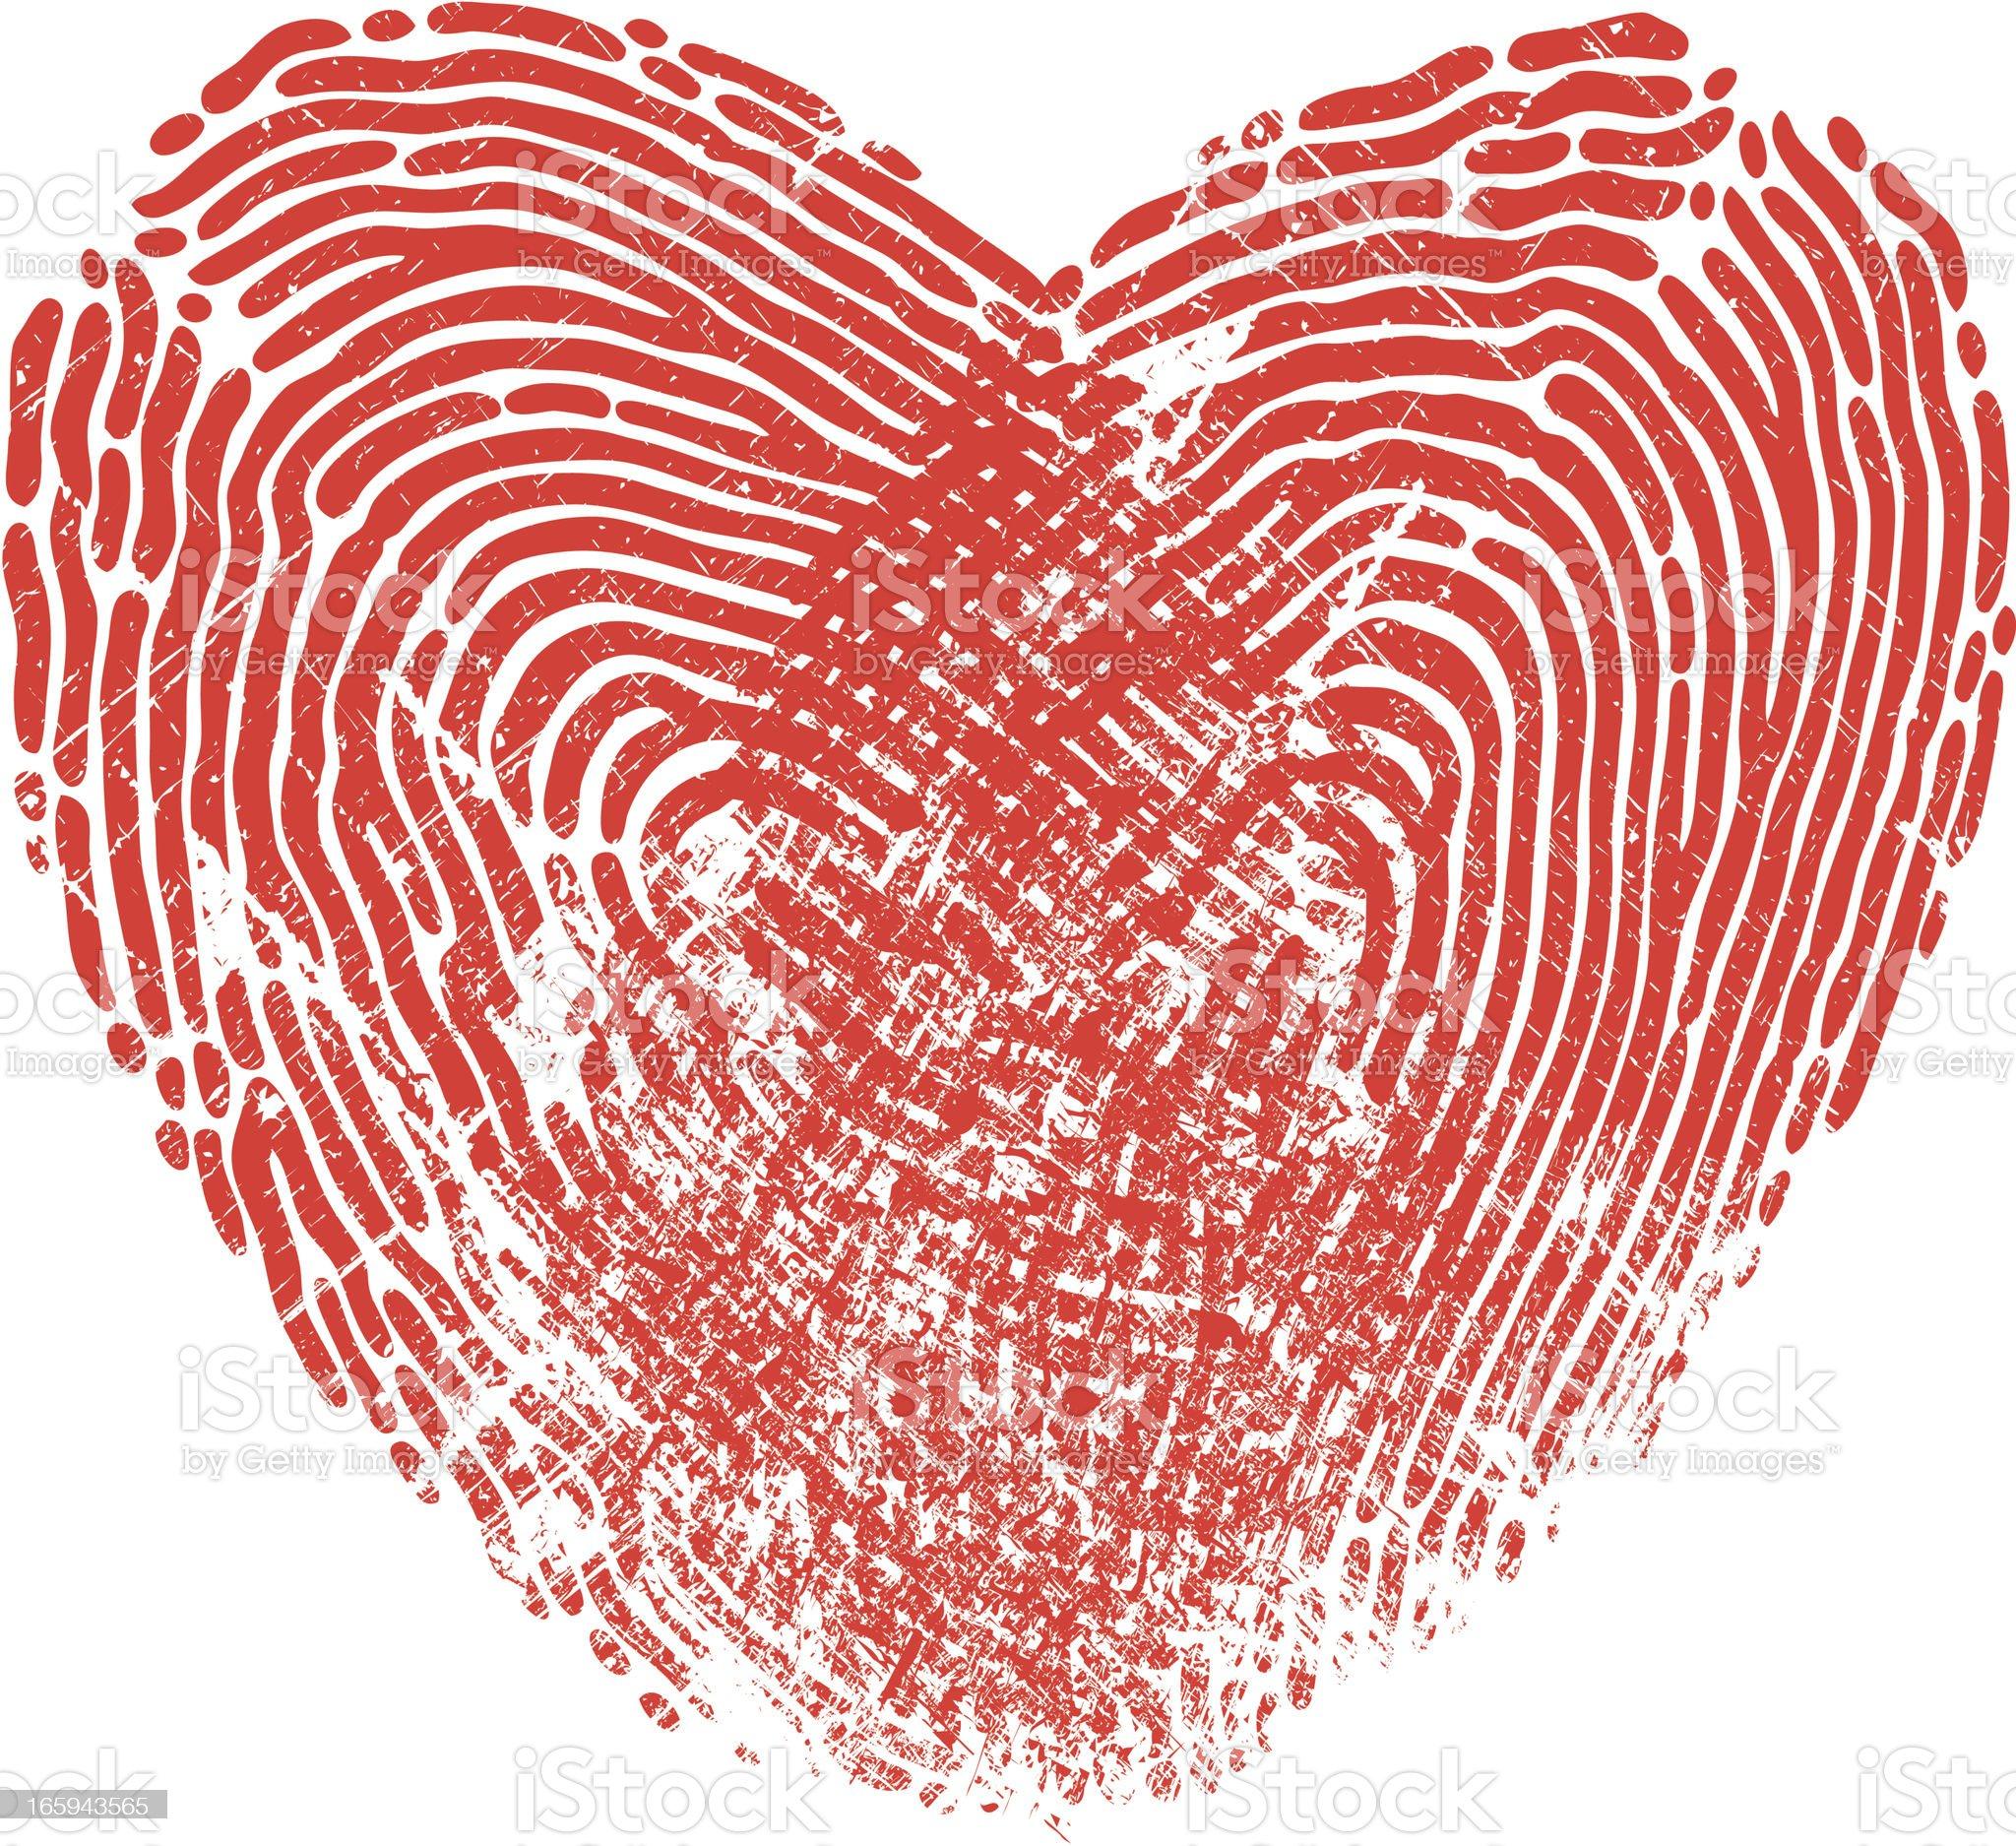 Heart Fingerprint royalty-free stock vector art